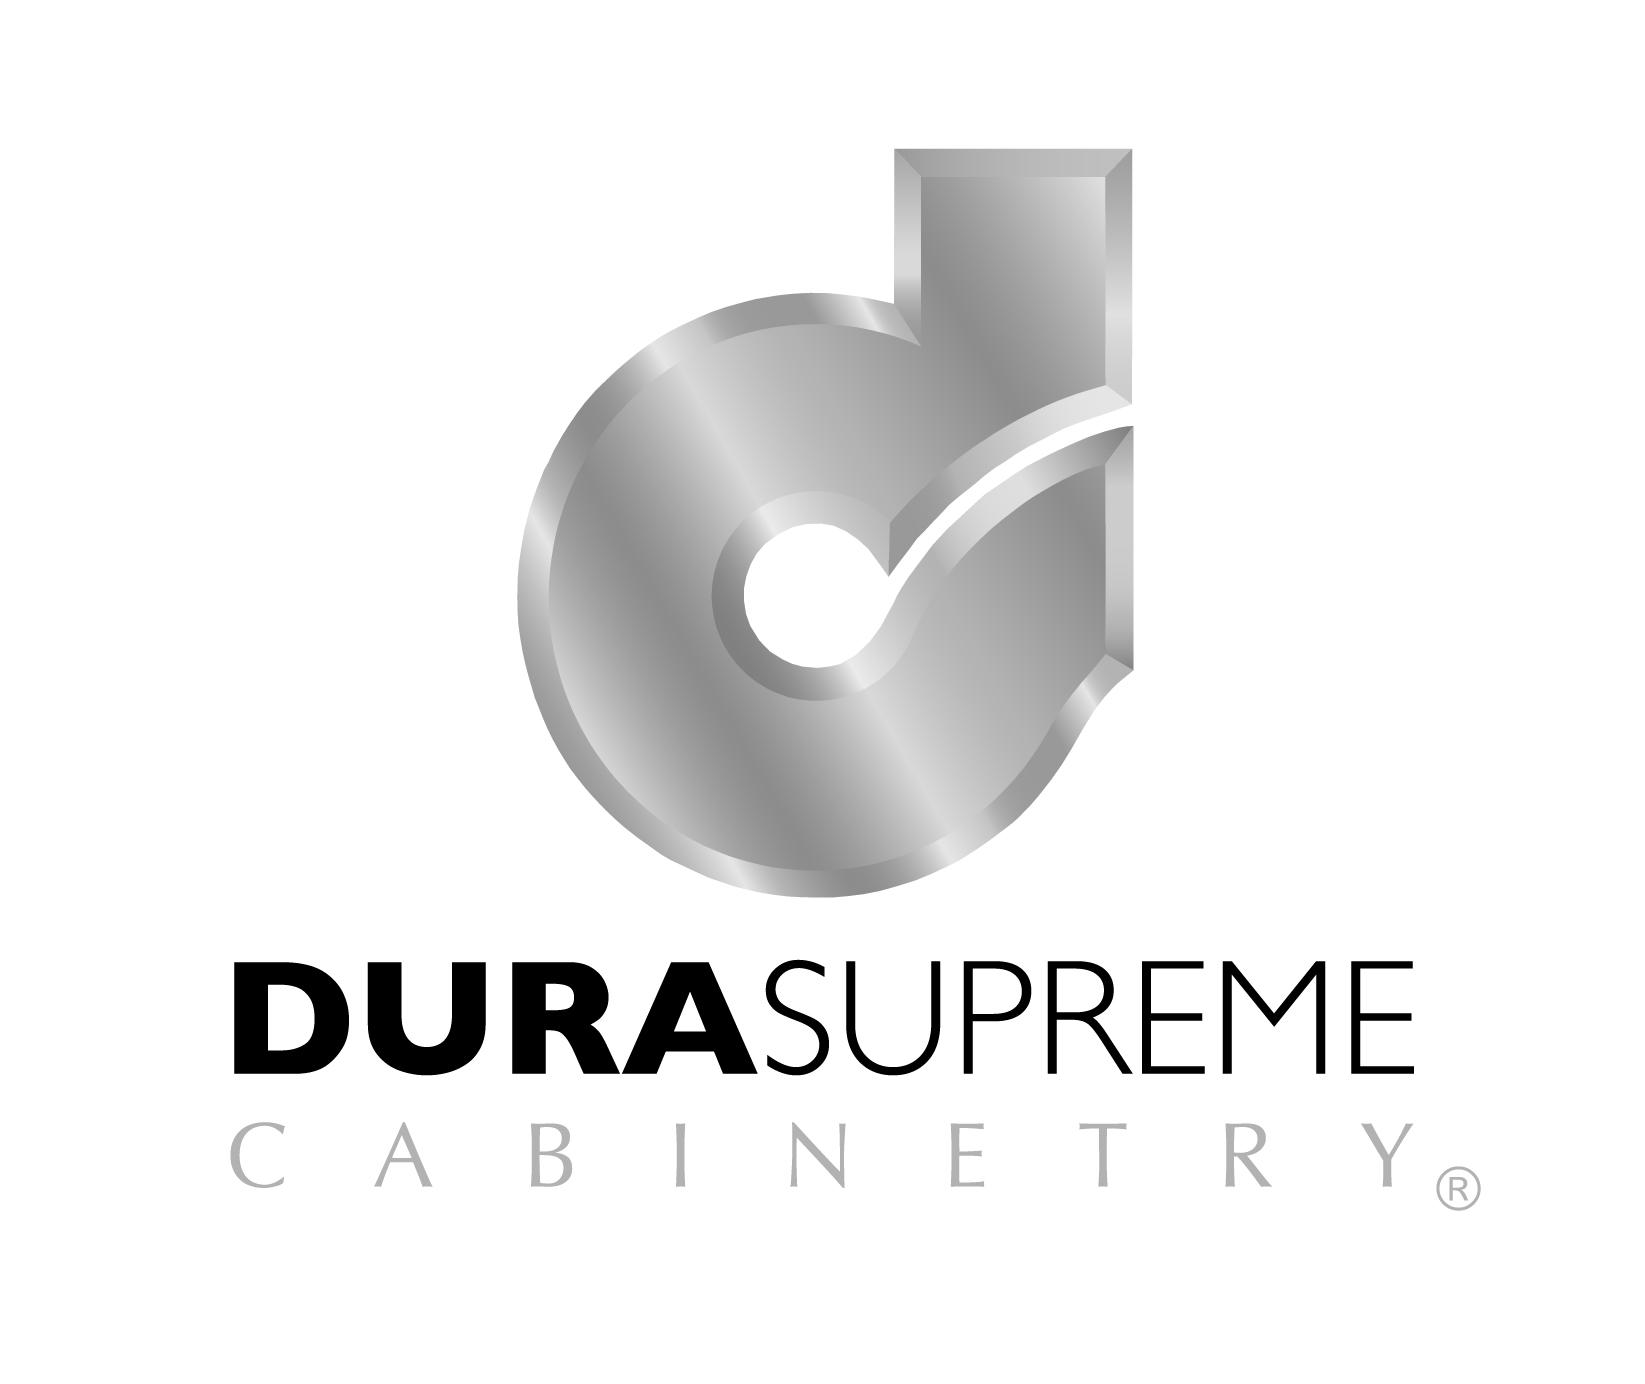 DuraLogo-Vert-Wht.jpg